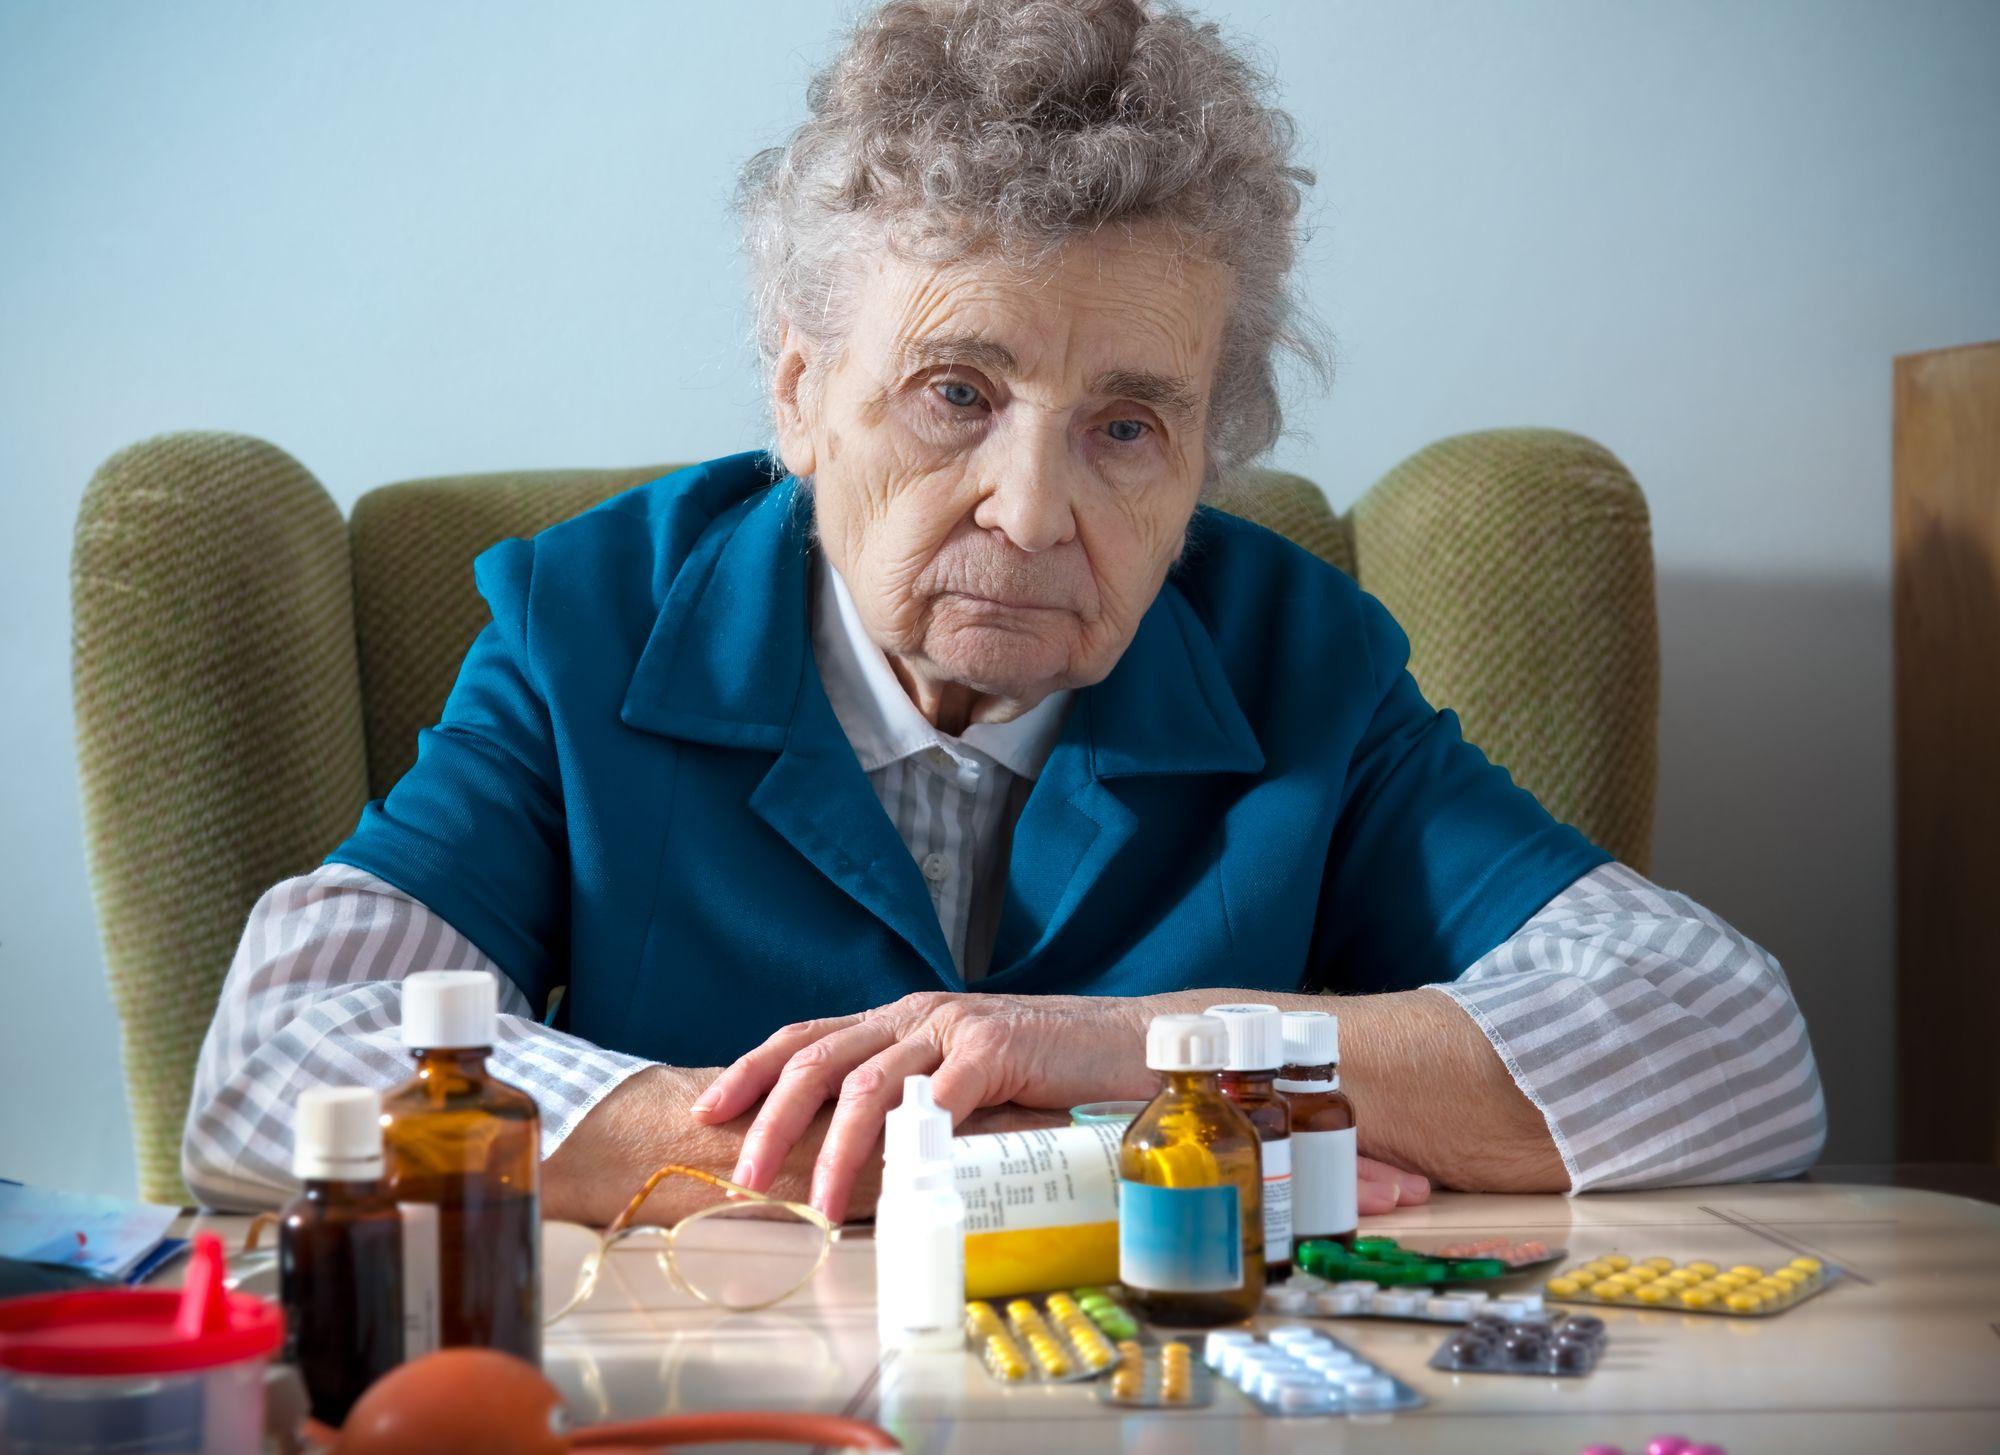 Неефективні аспекти охорони здоров'я в Україні: чи справді якість відповідає ціні?